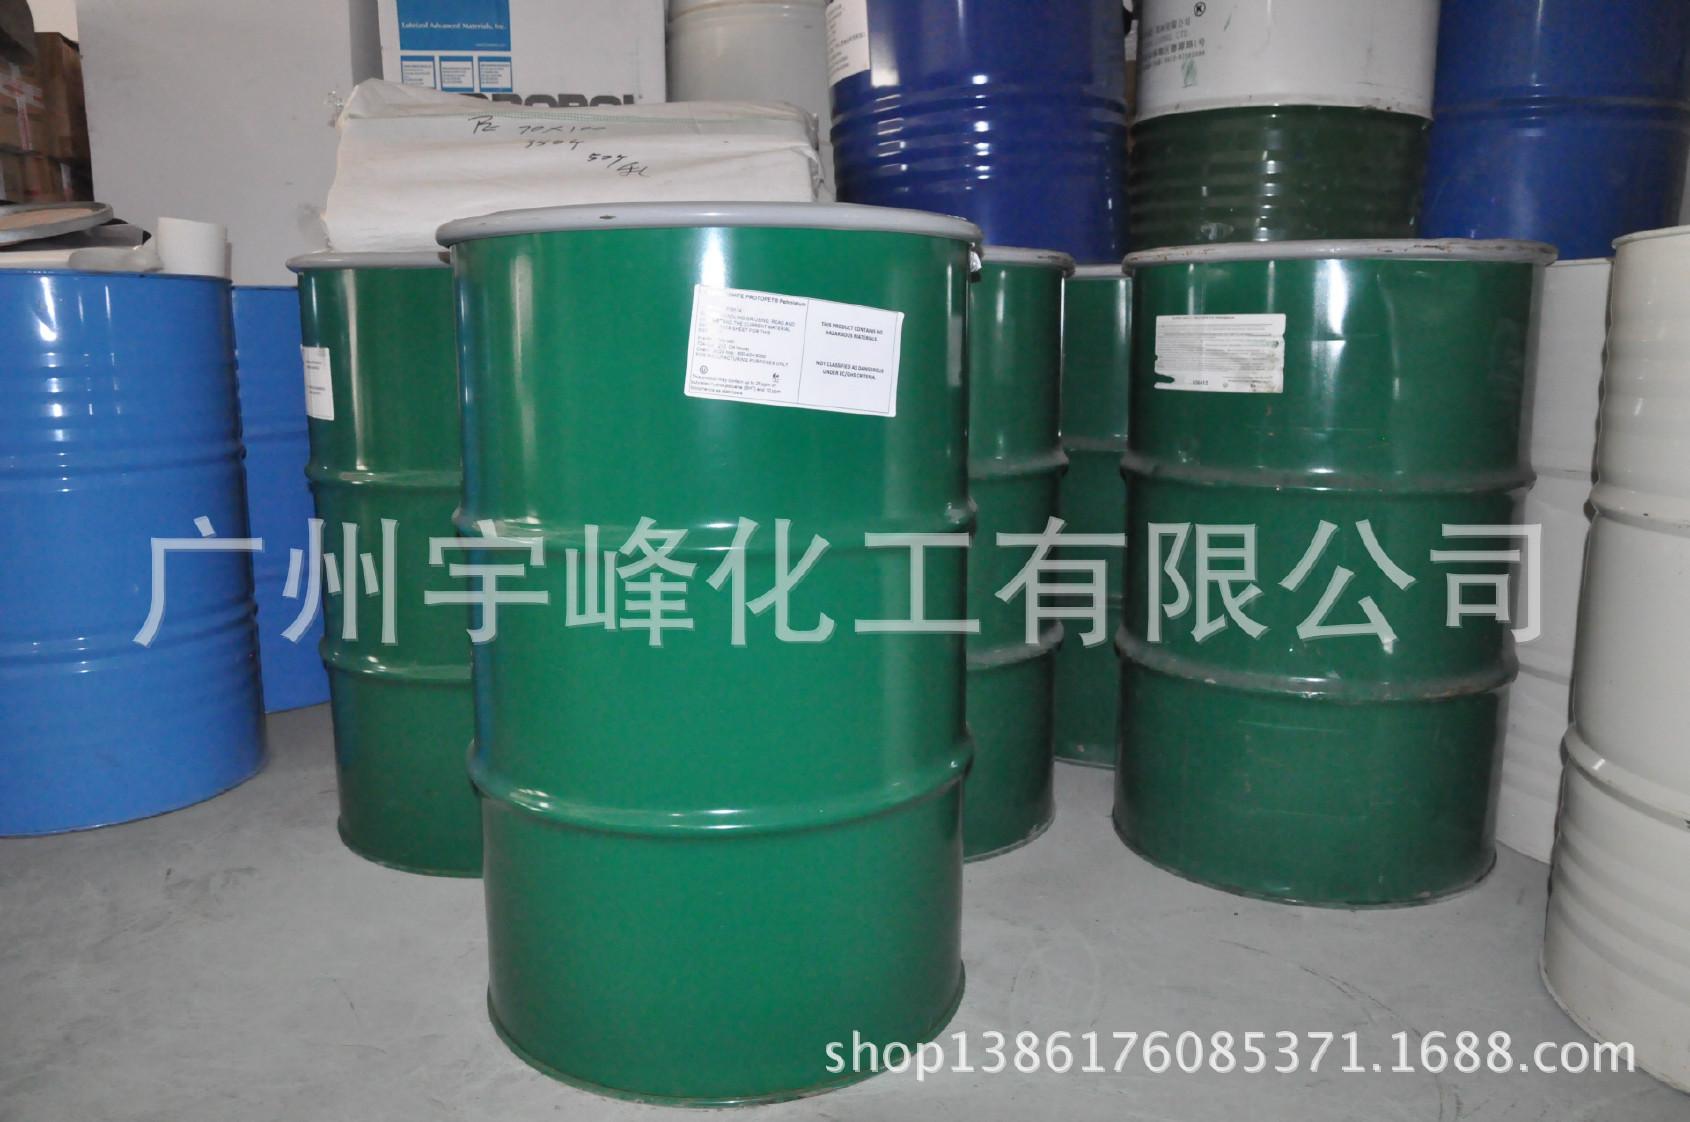 供应 美国进口 工业级凡士林 高档 基础油 按摩油 现货批发